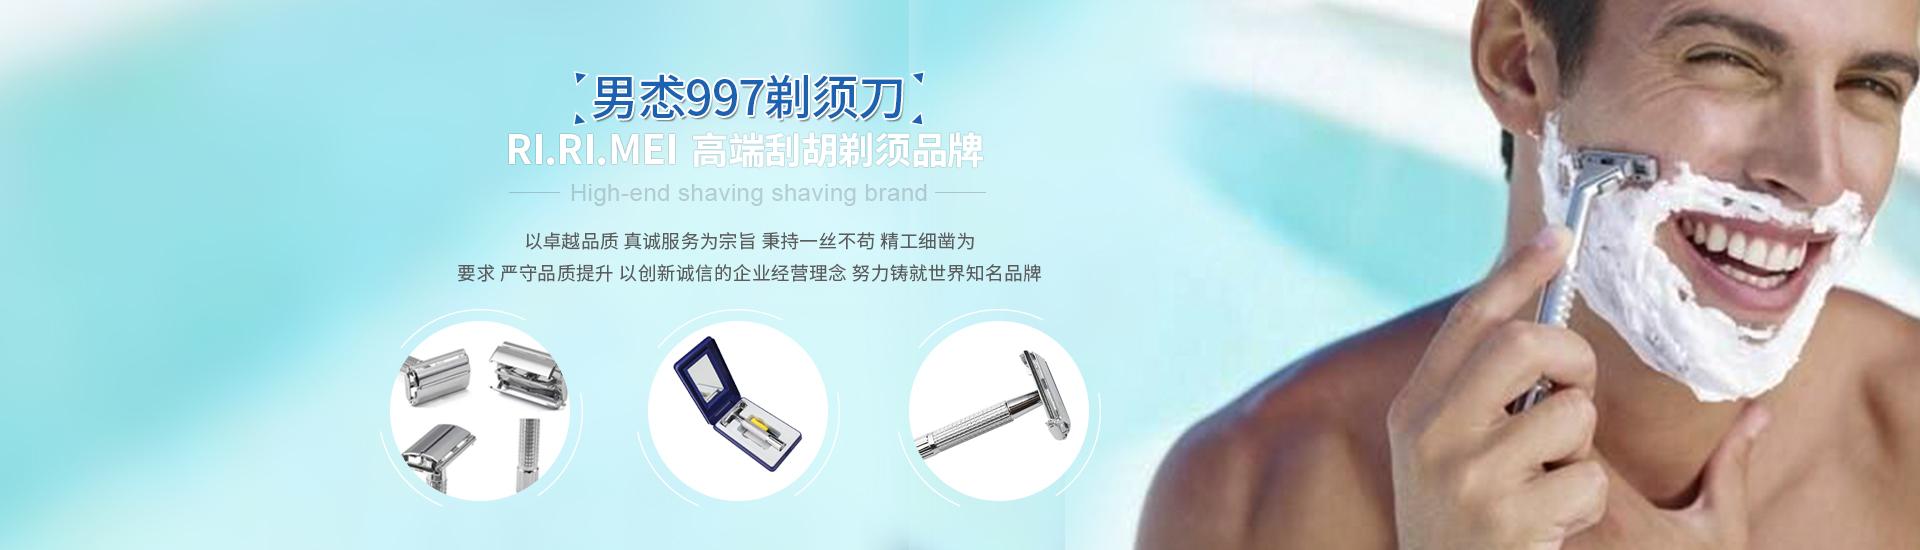 上海(天使)洪材智能科技有限公司